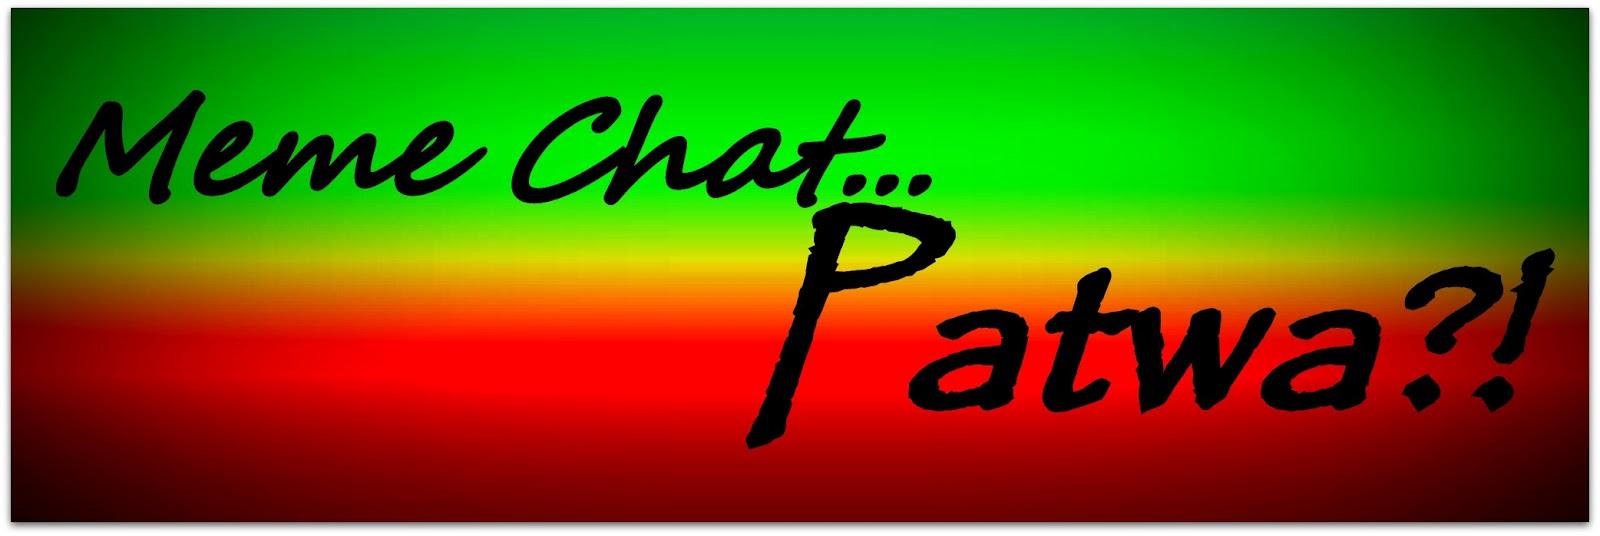 Rasta Love Quotes Jamaican Living Memoir Patwa Huh